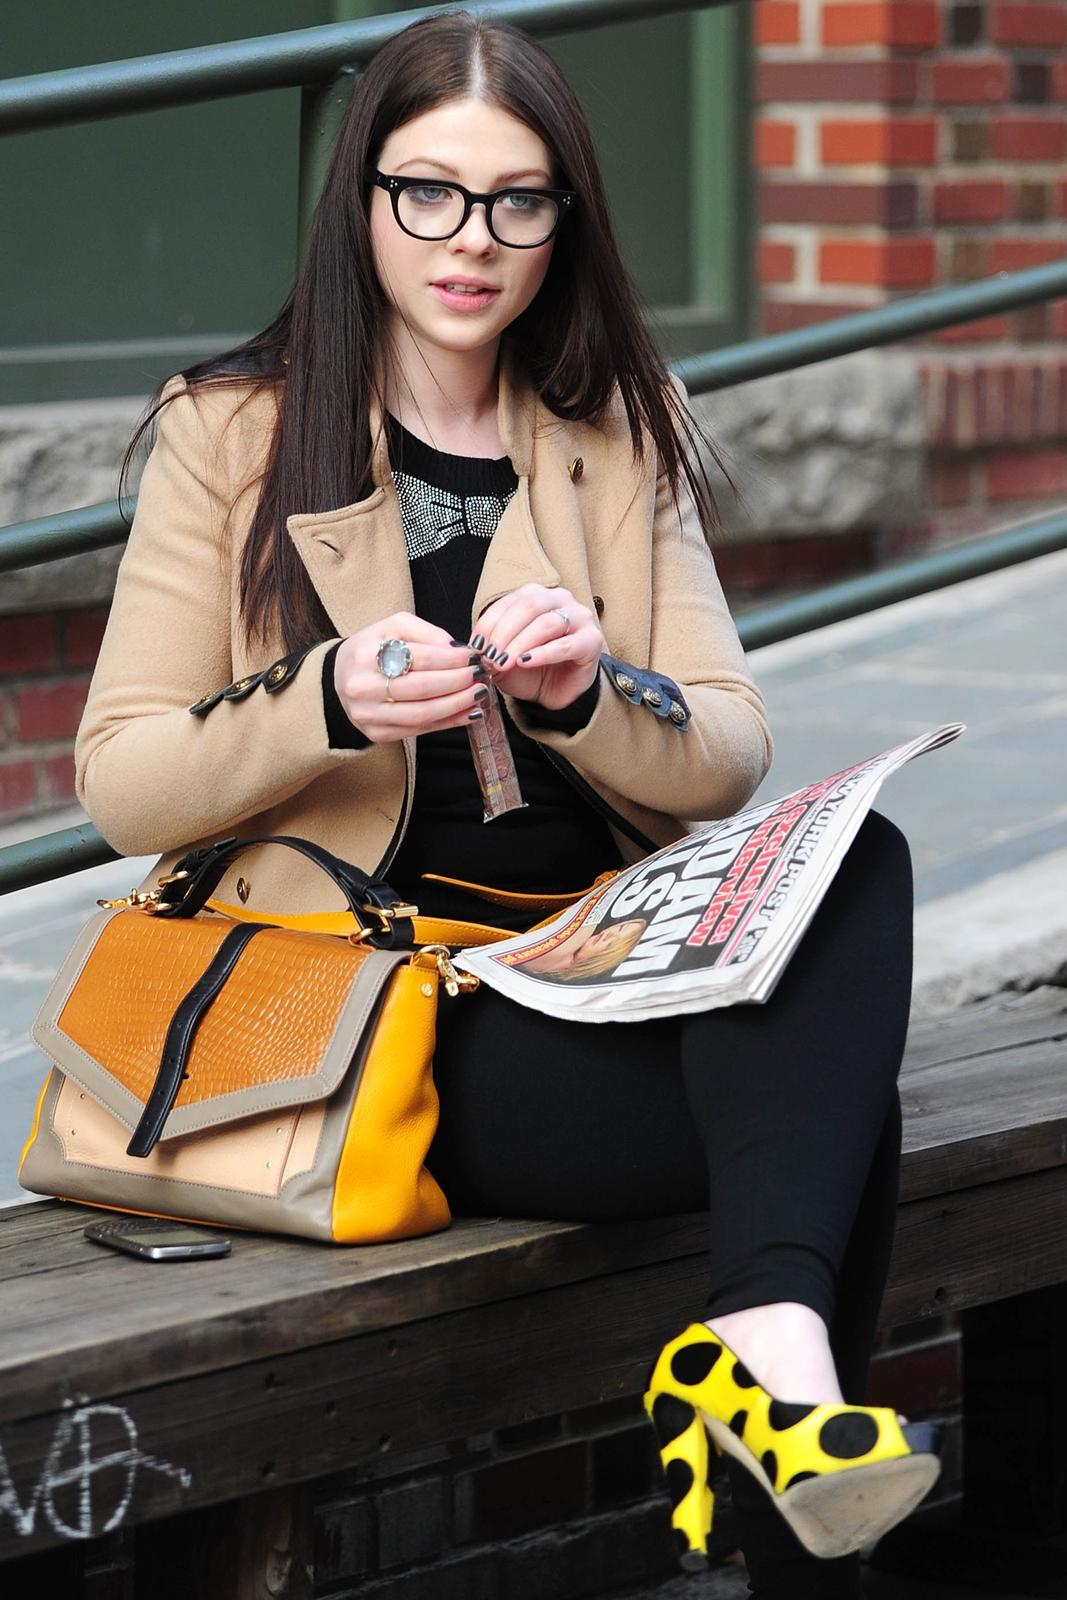 http://3.bp.blogspot.com/-5lVJcQF2BNs/T46G1JmmYcI/AAAAAAAAN_c/MmIoGiI3Kg4/s1600/sploogeblog_michelle_trachtenberg%2B_glasses_leggings_candids_04%2B-%2BCopy.jpg